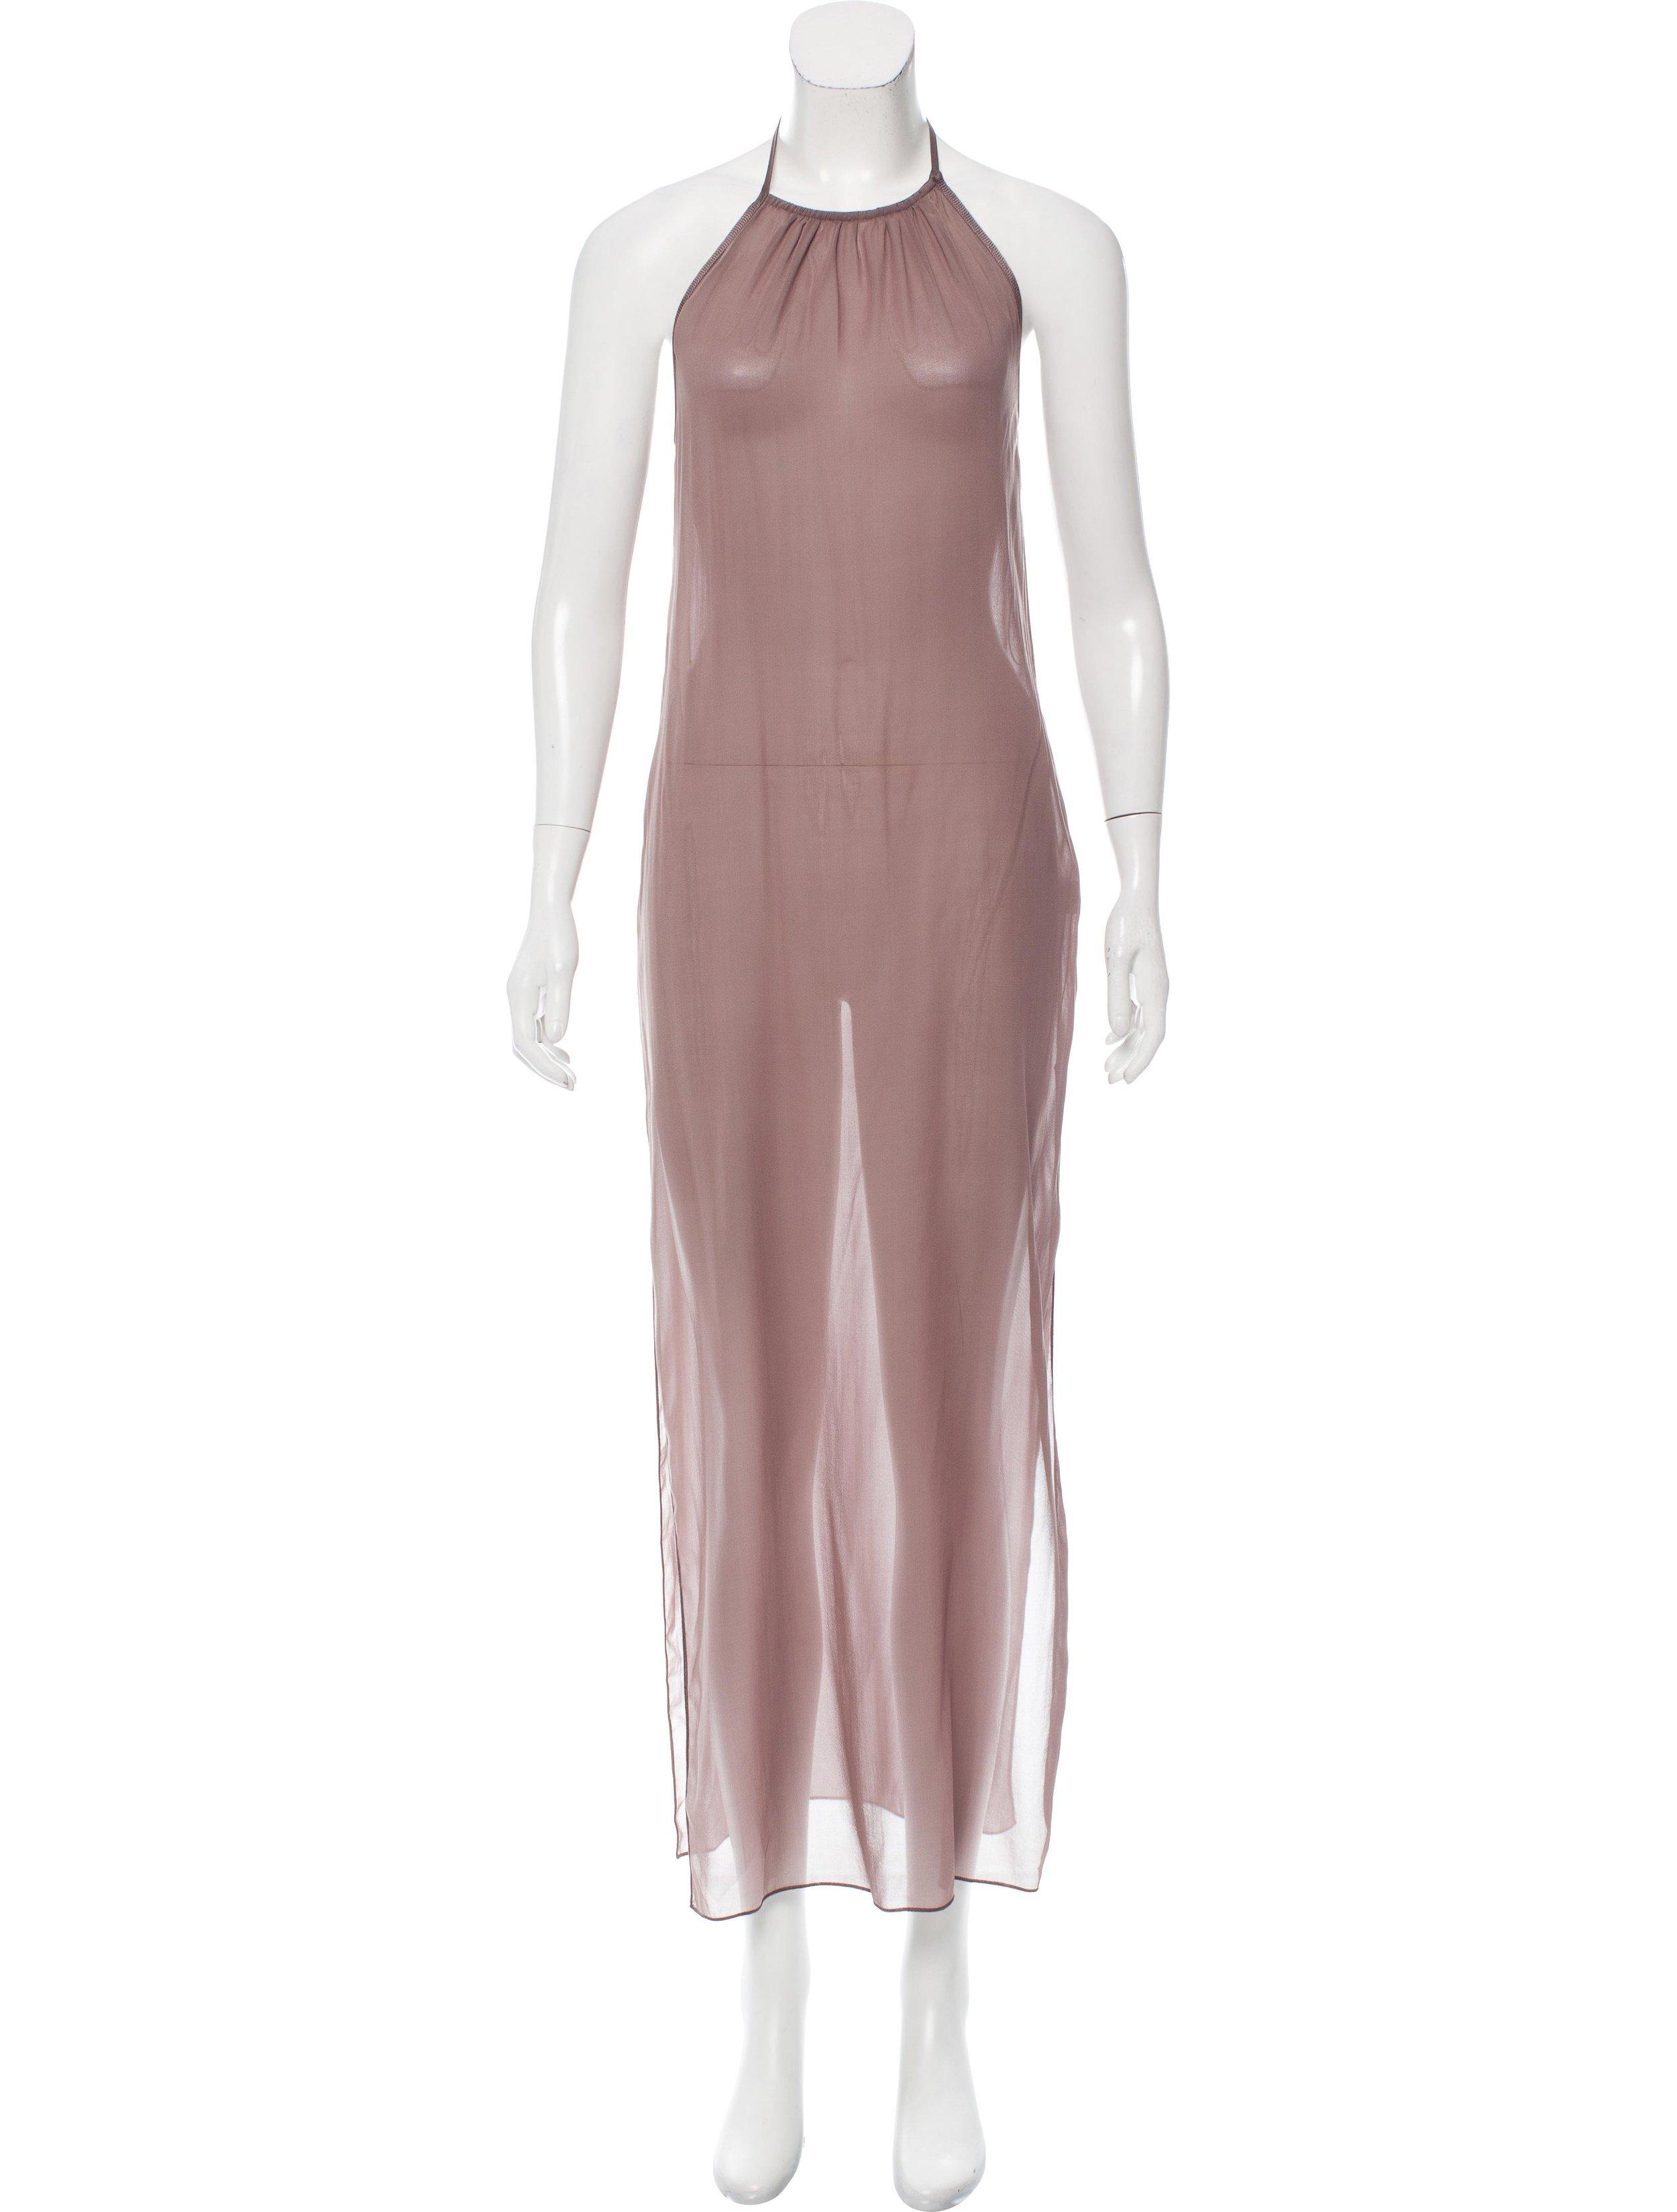 MISSONI SILK HALTER DRESS; Size: XS, US 2, IT 38; $145.00